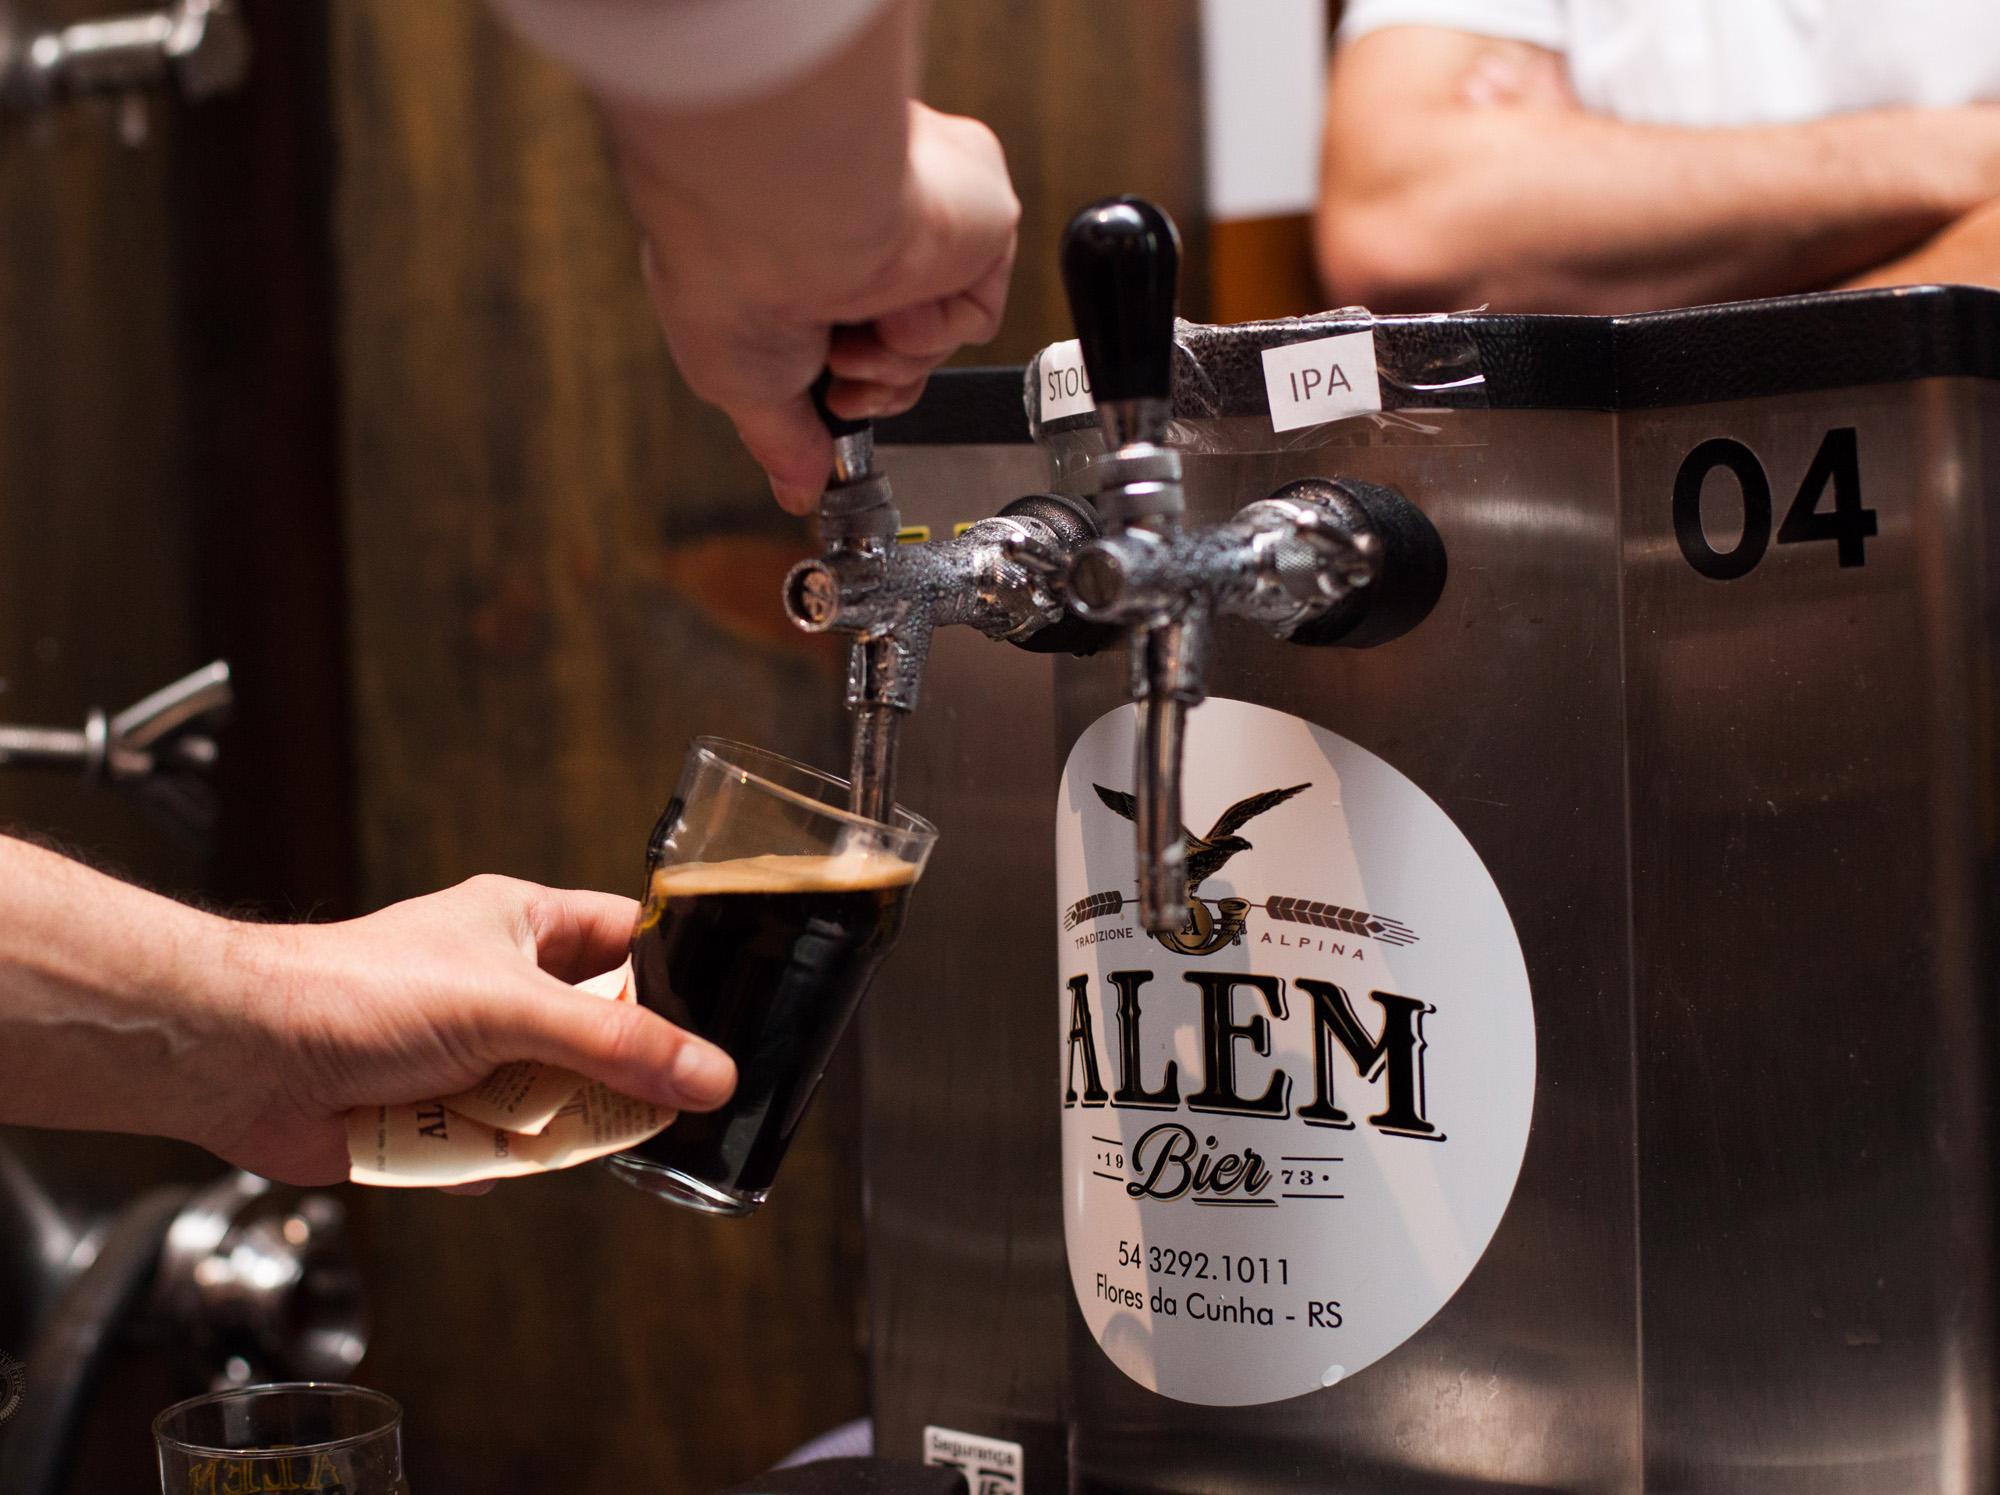 Alem Bier conquista medalha de ouro na cerveja Muscat Brett Saison na Copa da Cerveja POA